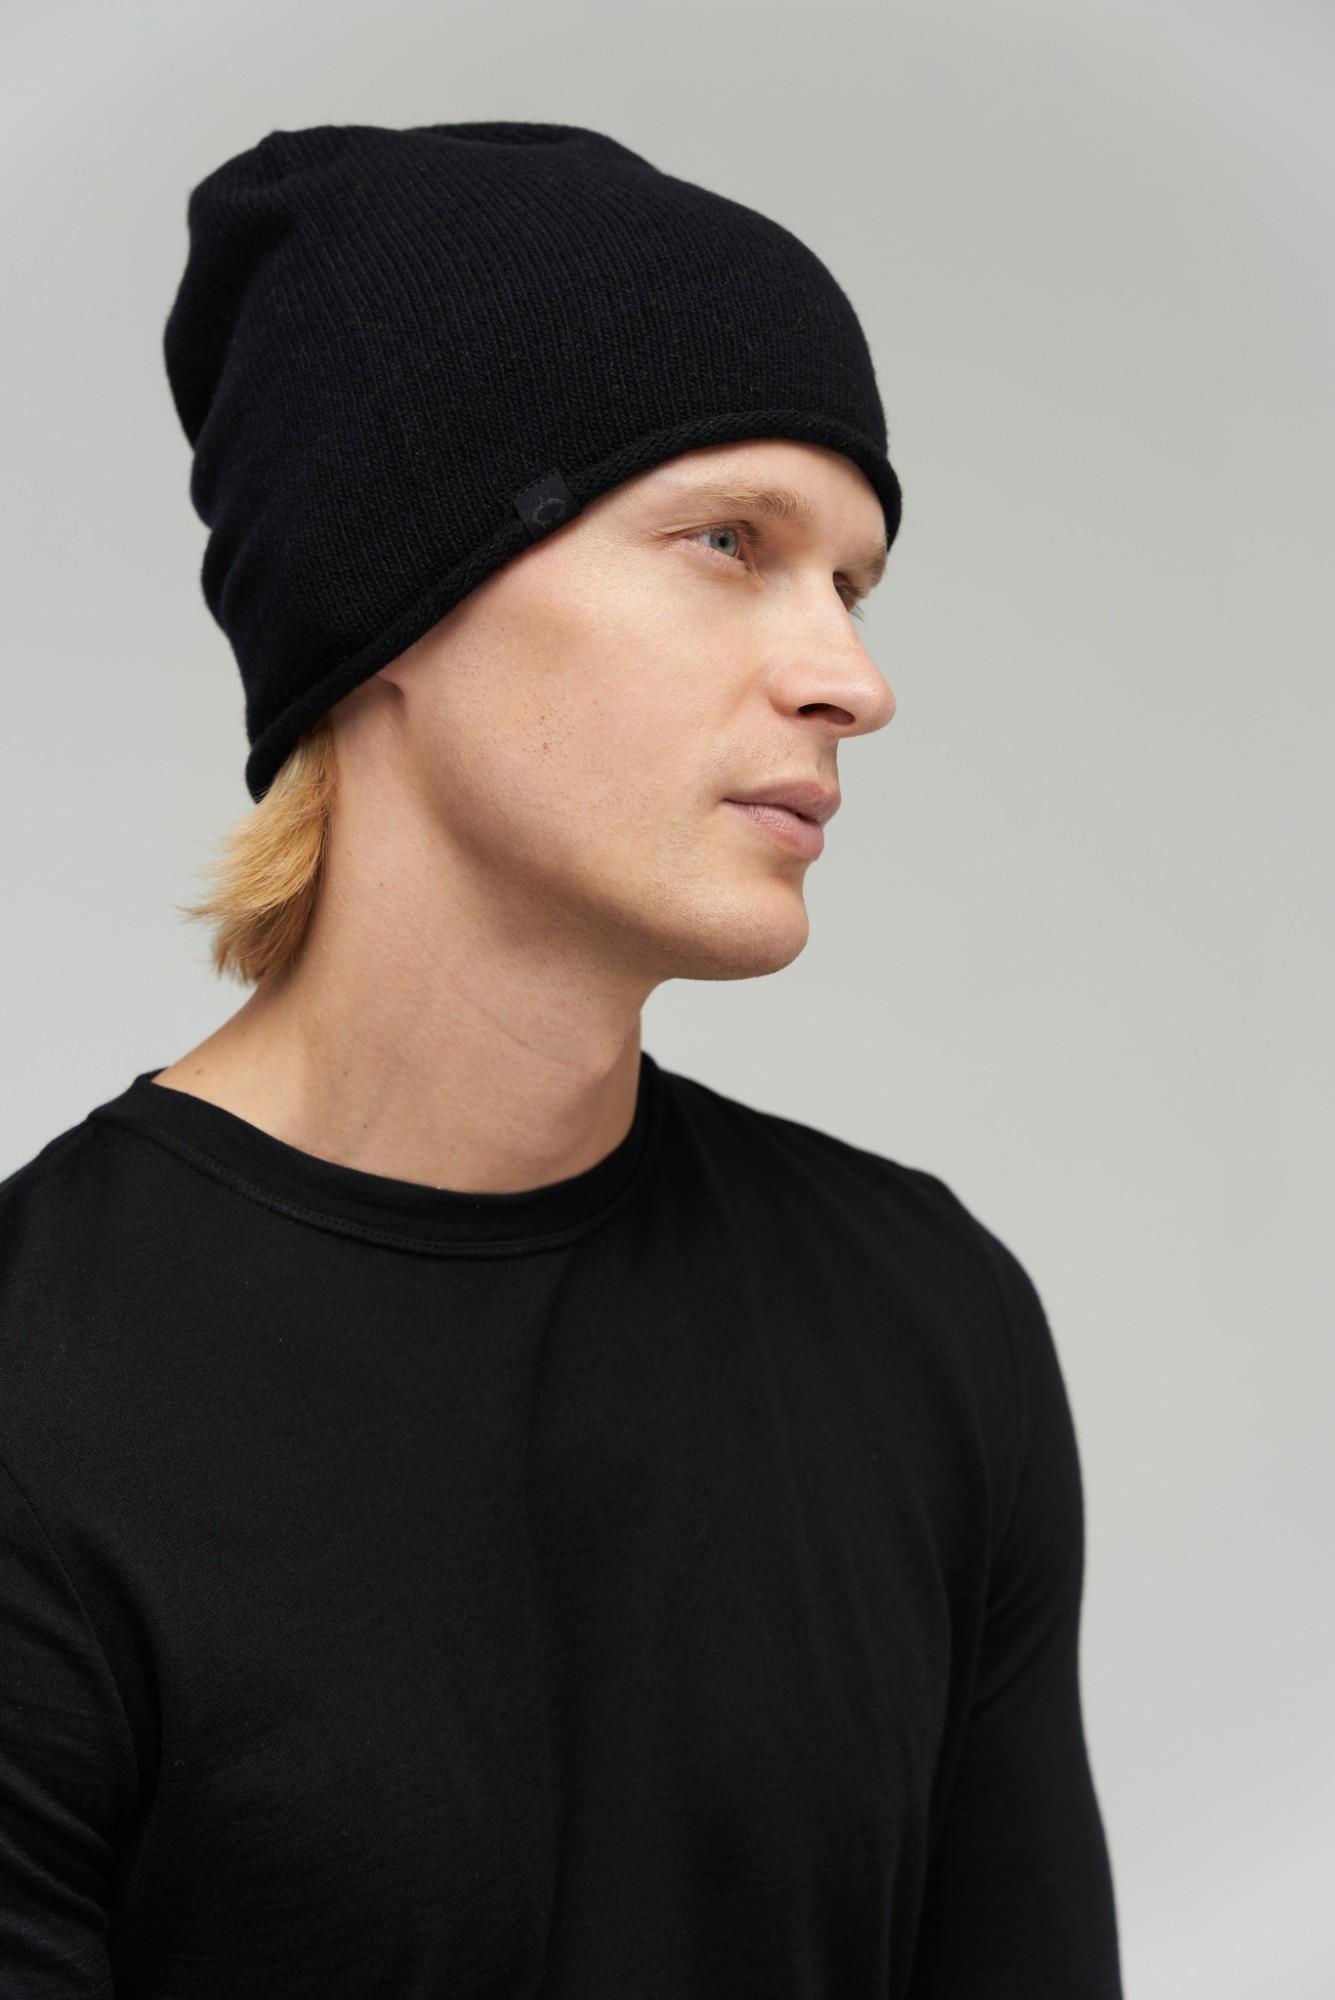 AUDIMAS Megzta merino kepurė su kašmyru 1-06-272 Black One size